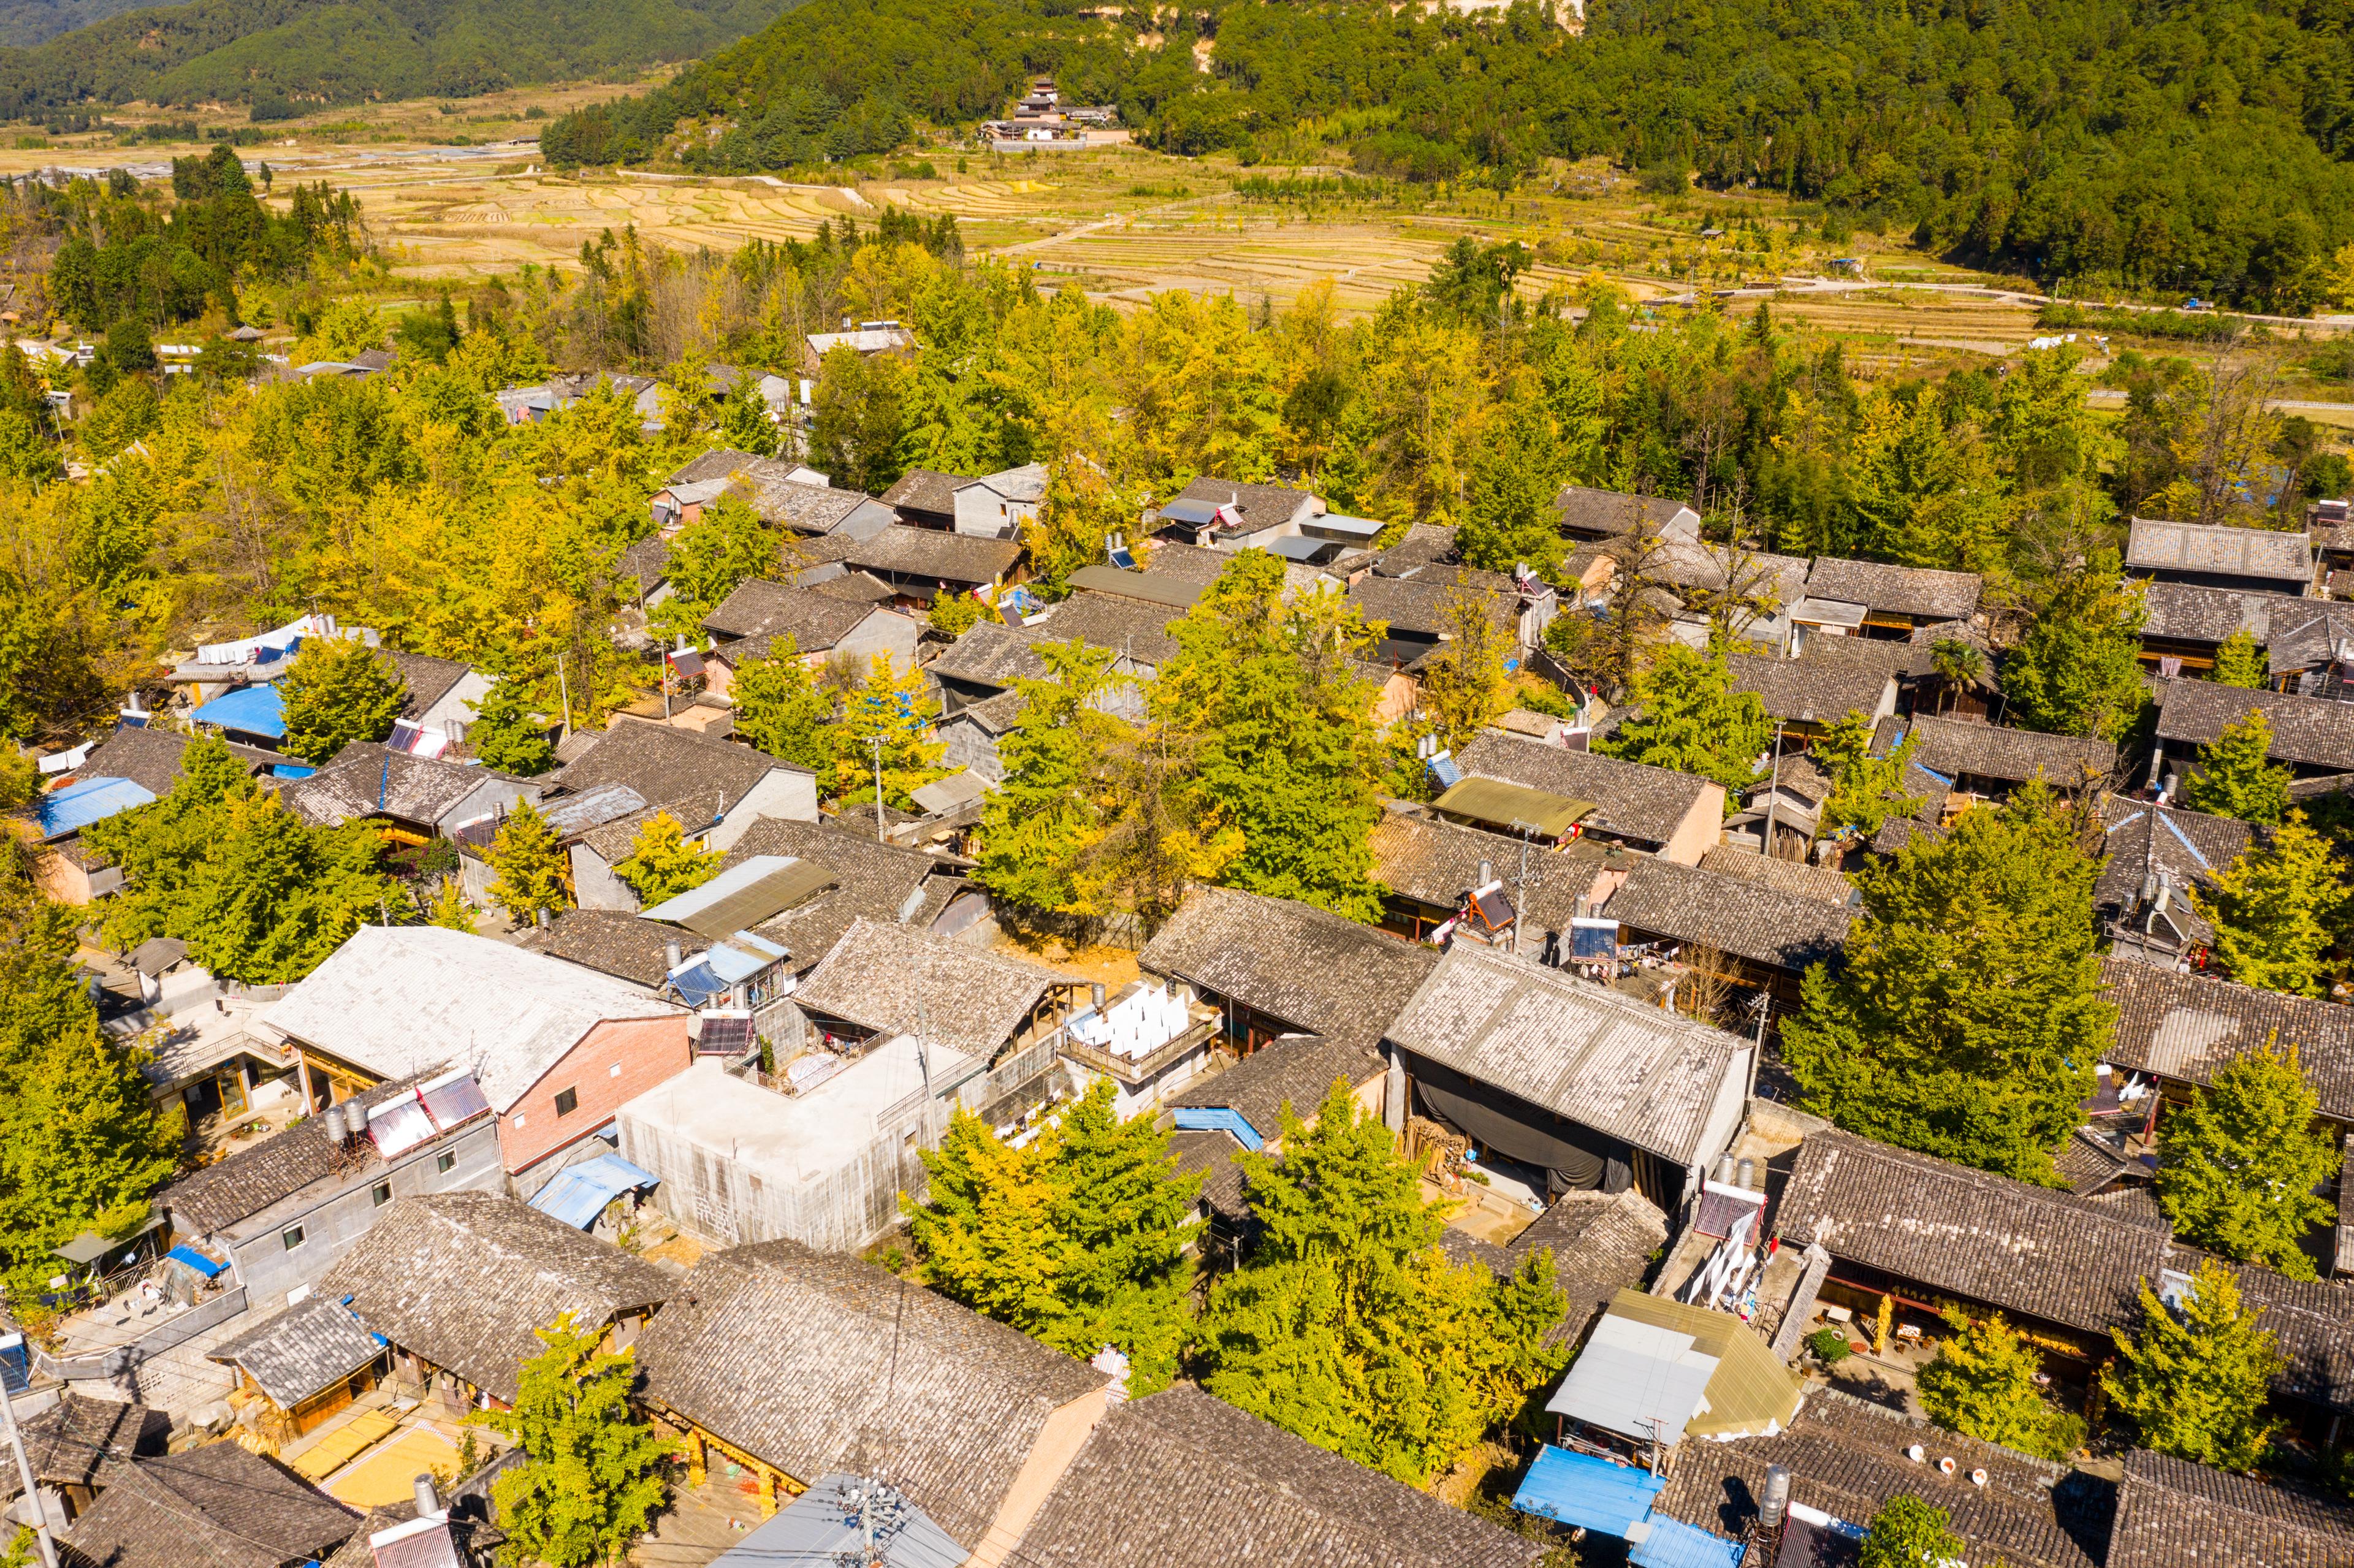 Yinxing Village